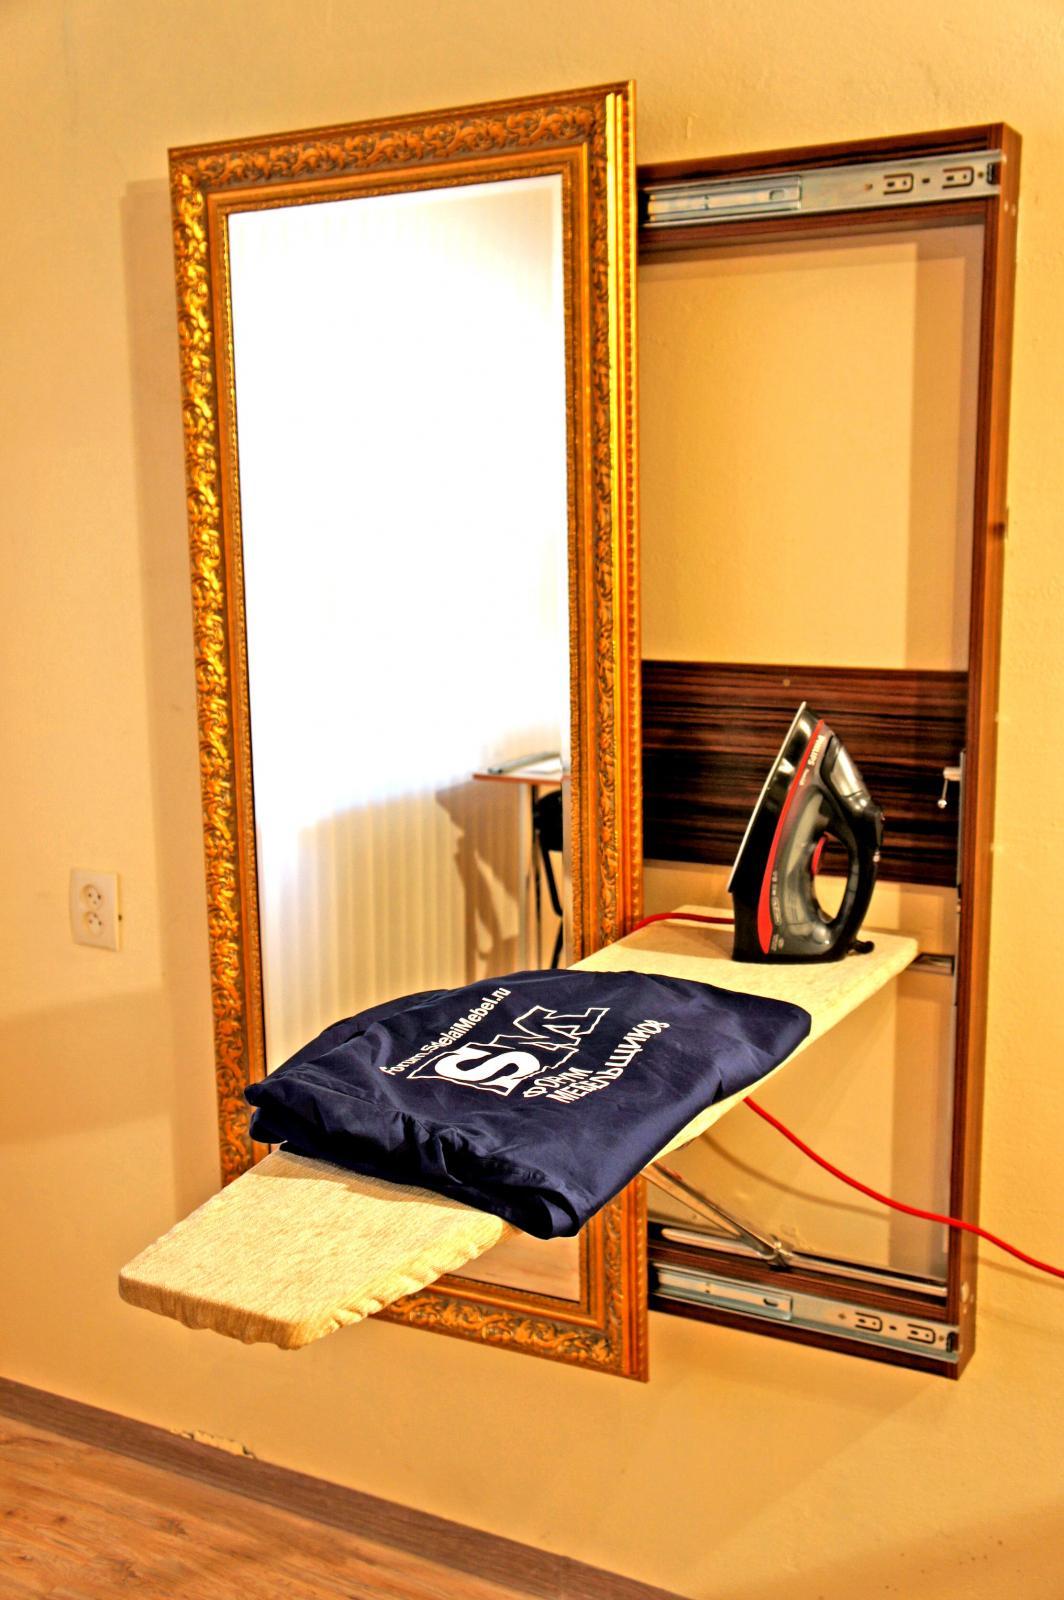 Фото: гладильная доска за зеркалом. Інші товари для дому, ук.